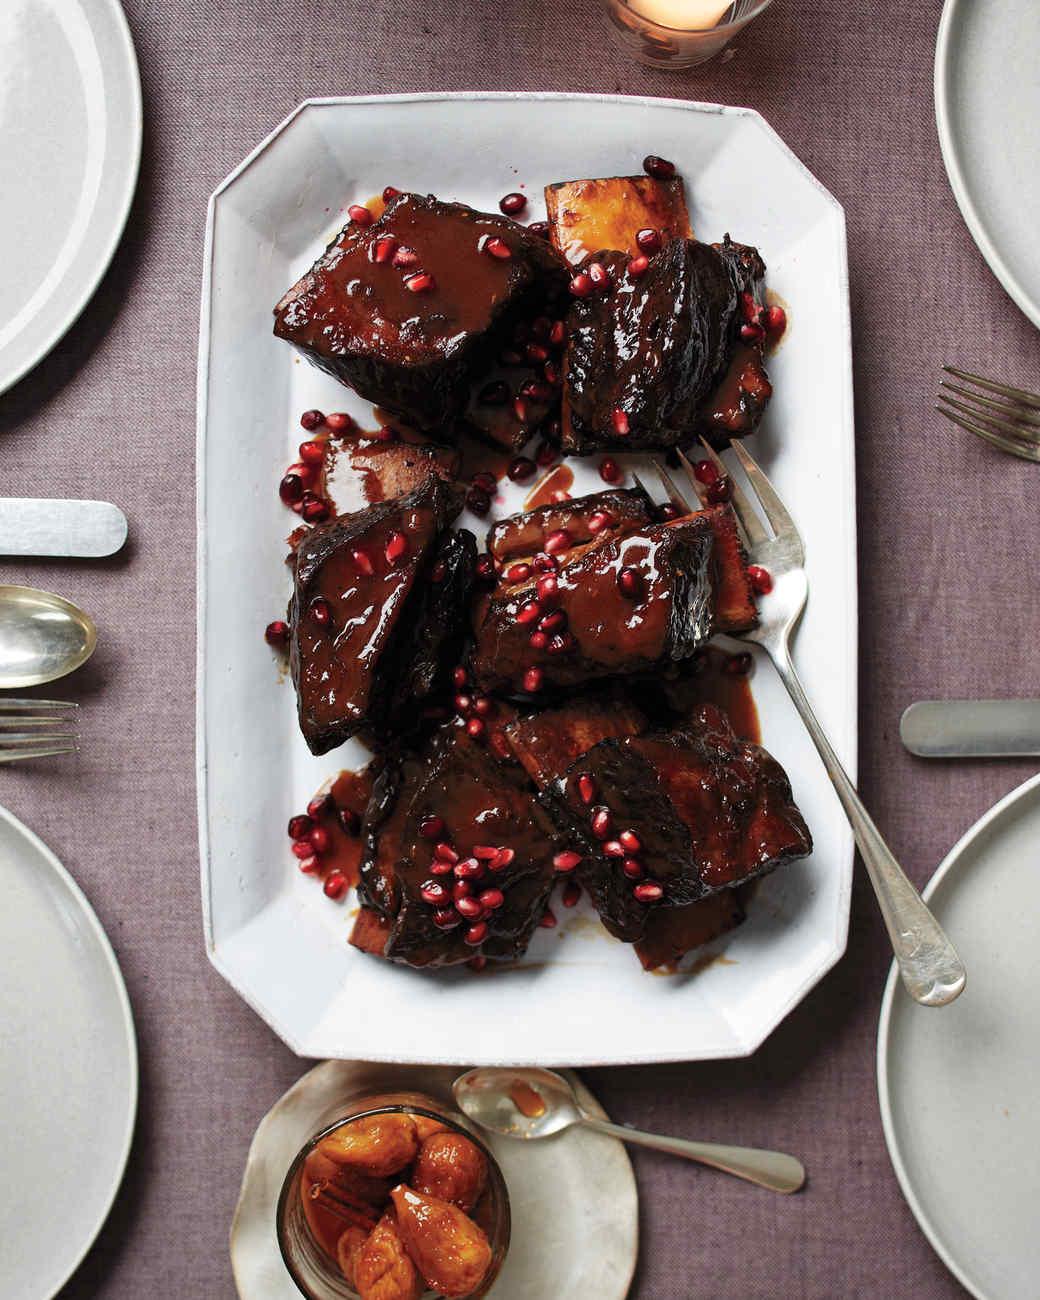 انار روی تکههای گوشت پخته